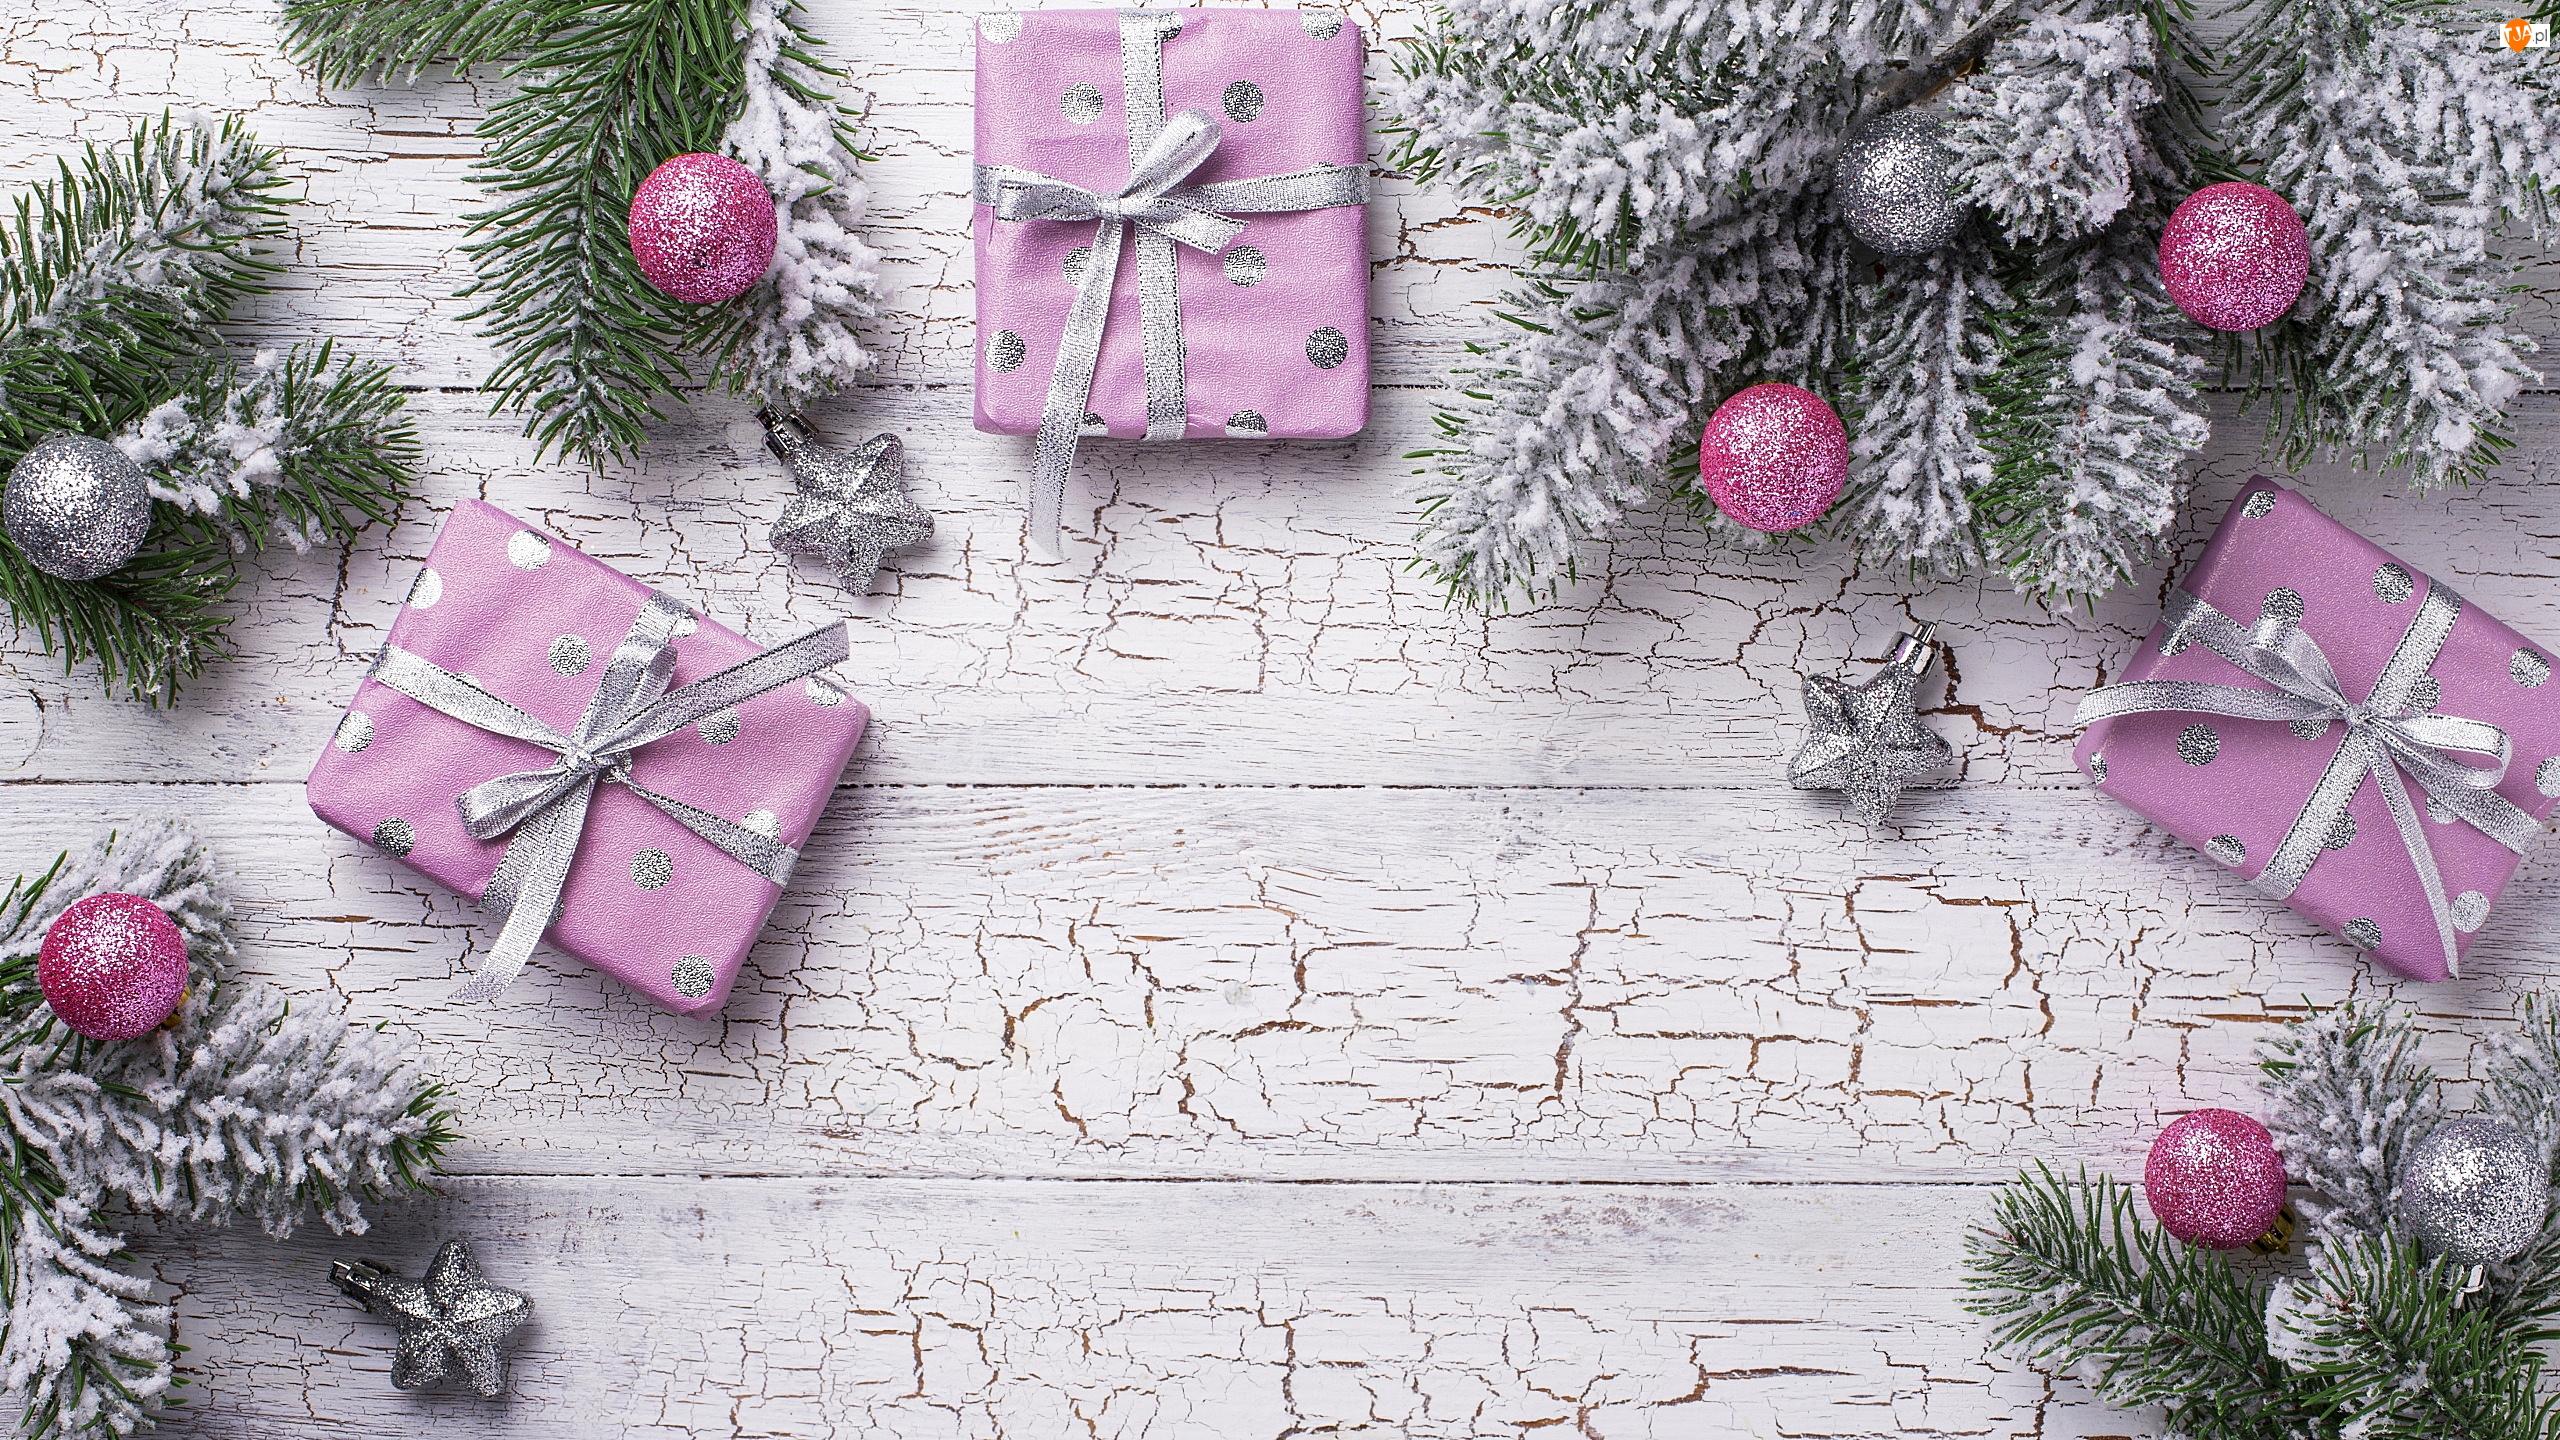 Drewno, Boże Narodzenie, Popękane, Bombki, Prezenty, Gałązki, Srebrne, Kompozycja, Różowe